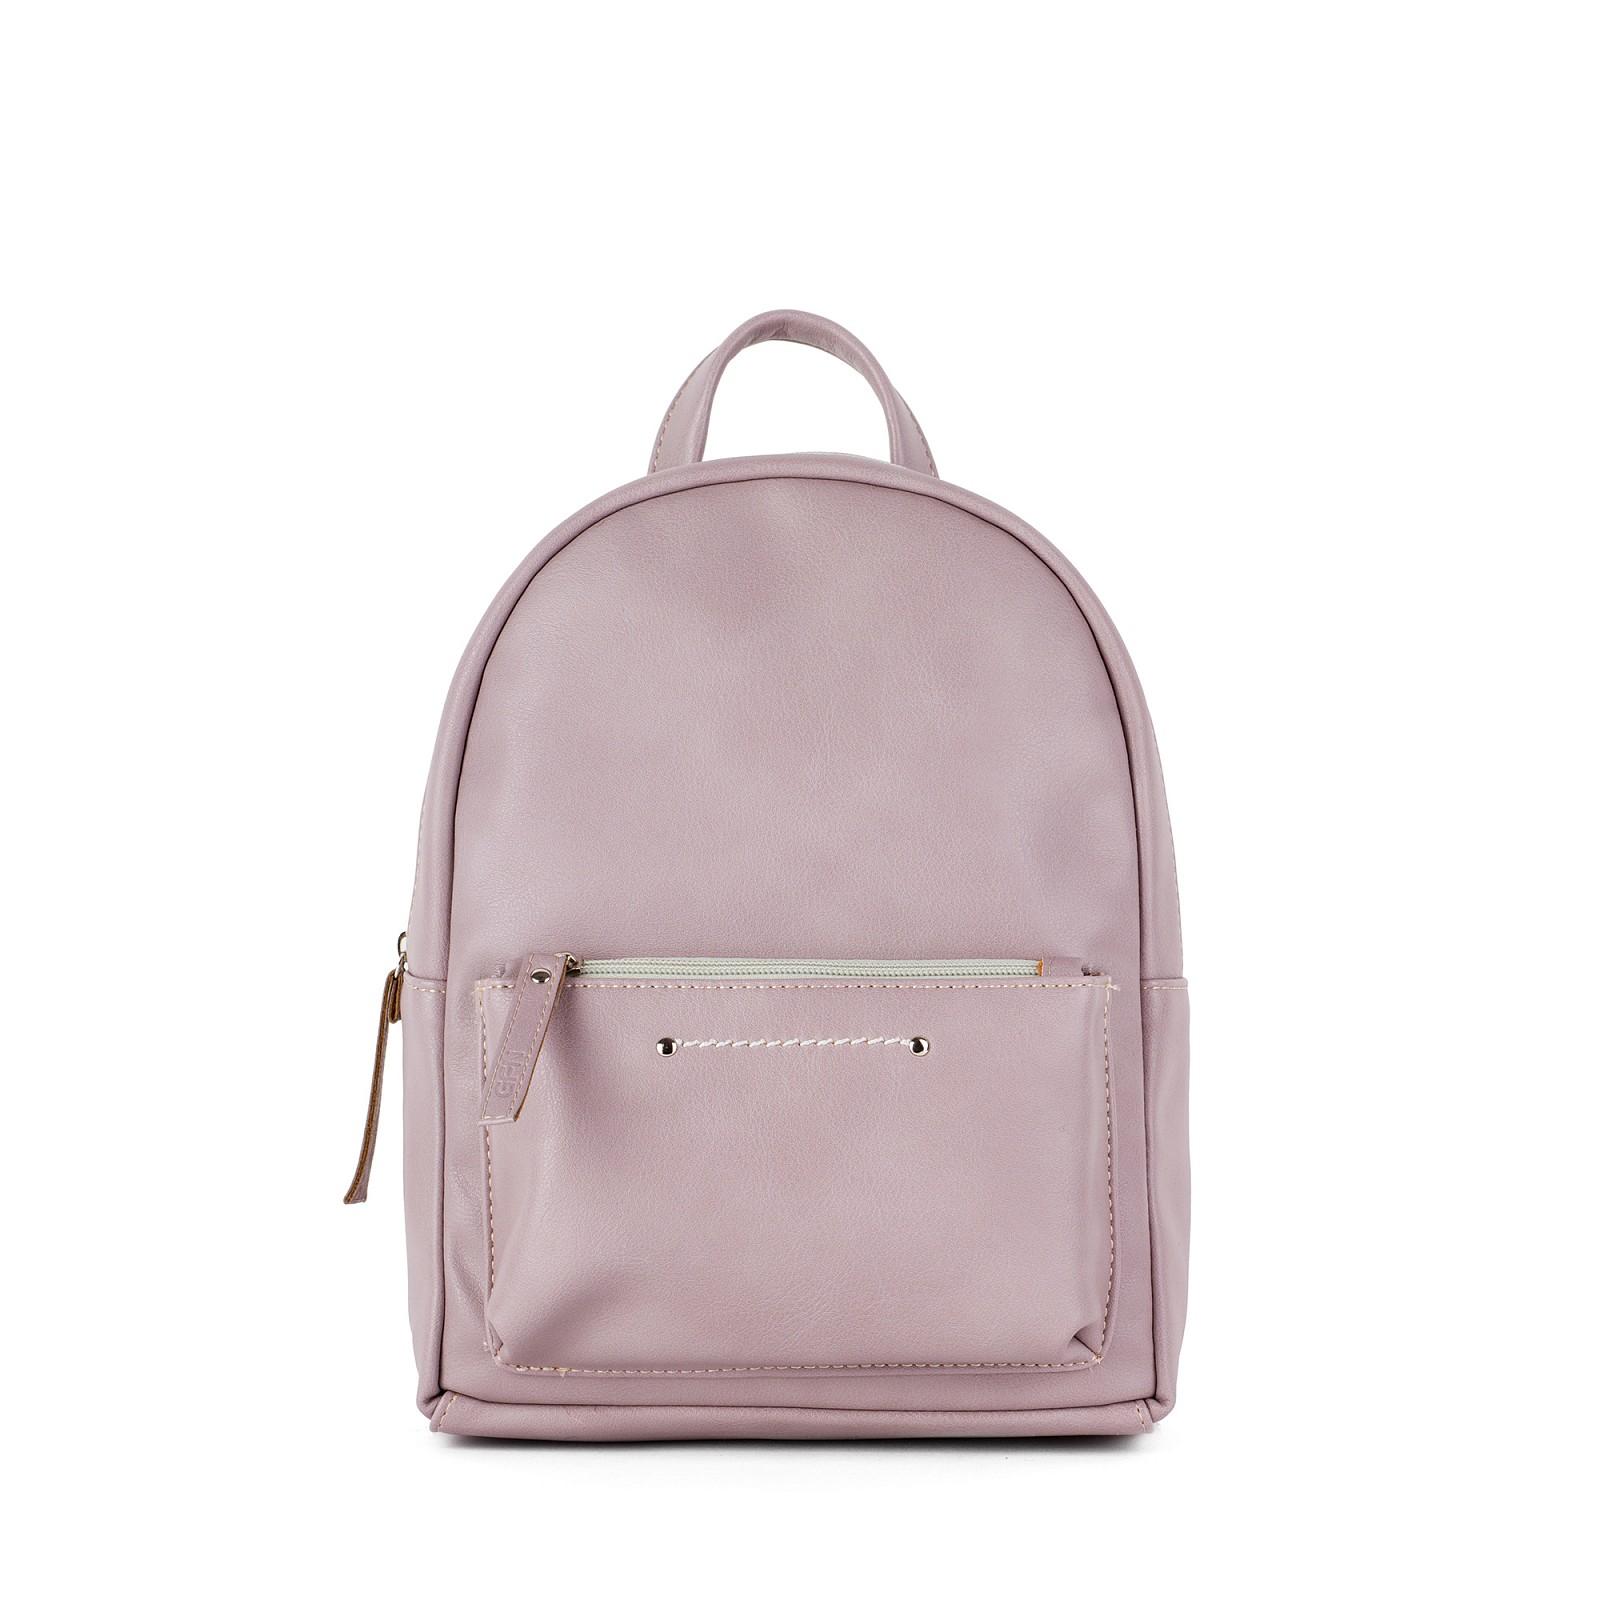 409d39d2f80c Небольшой женский городской рюкзак Грифон нежно-розового цвета, артикул 655